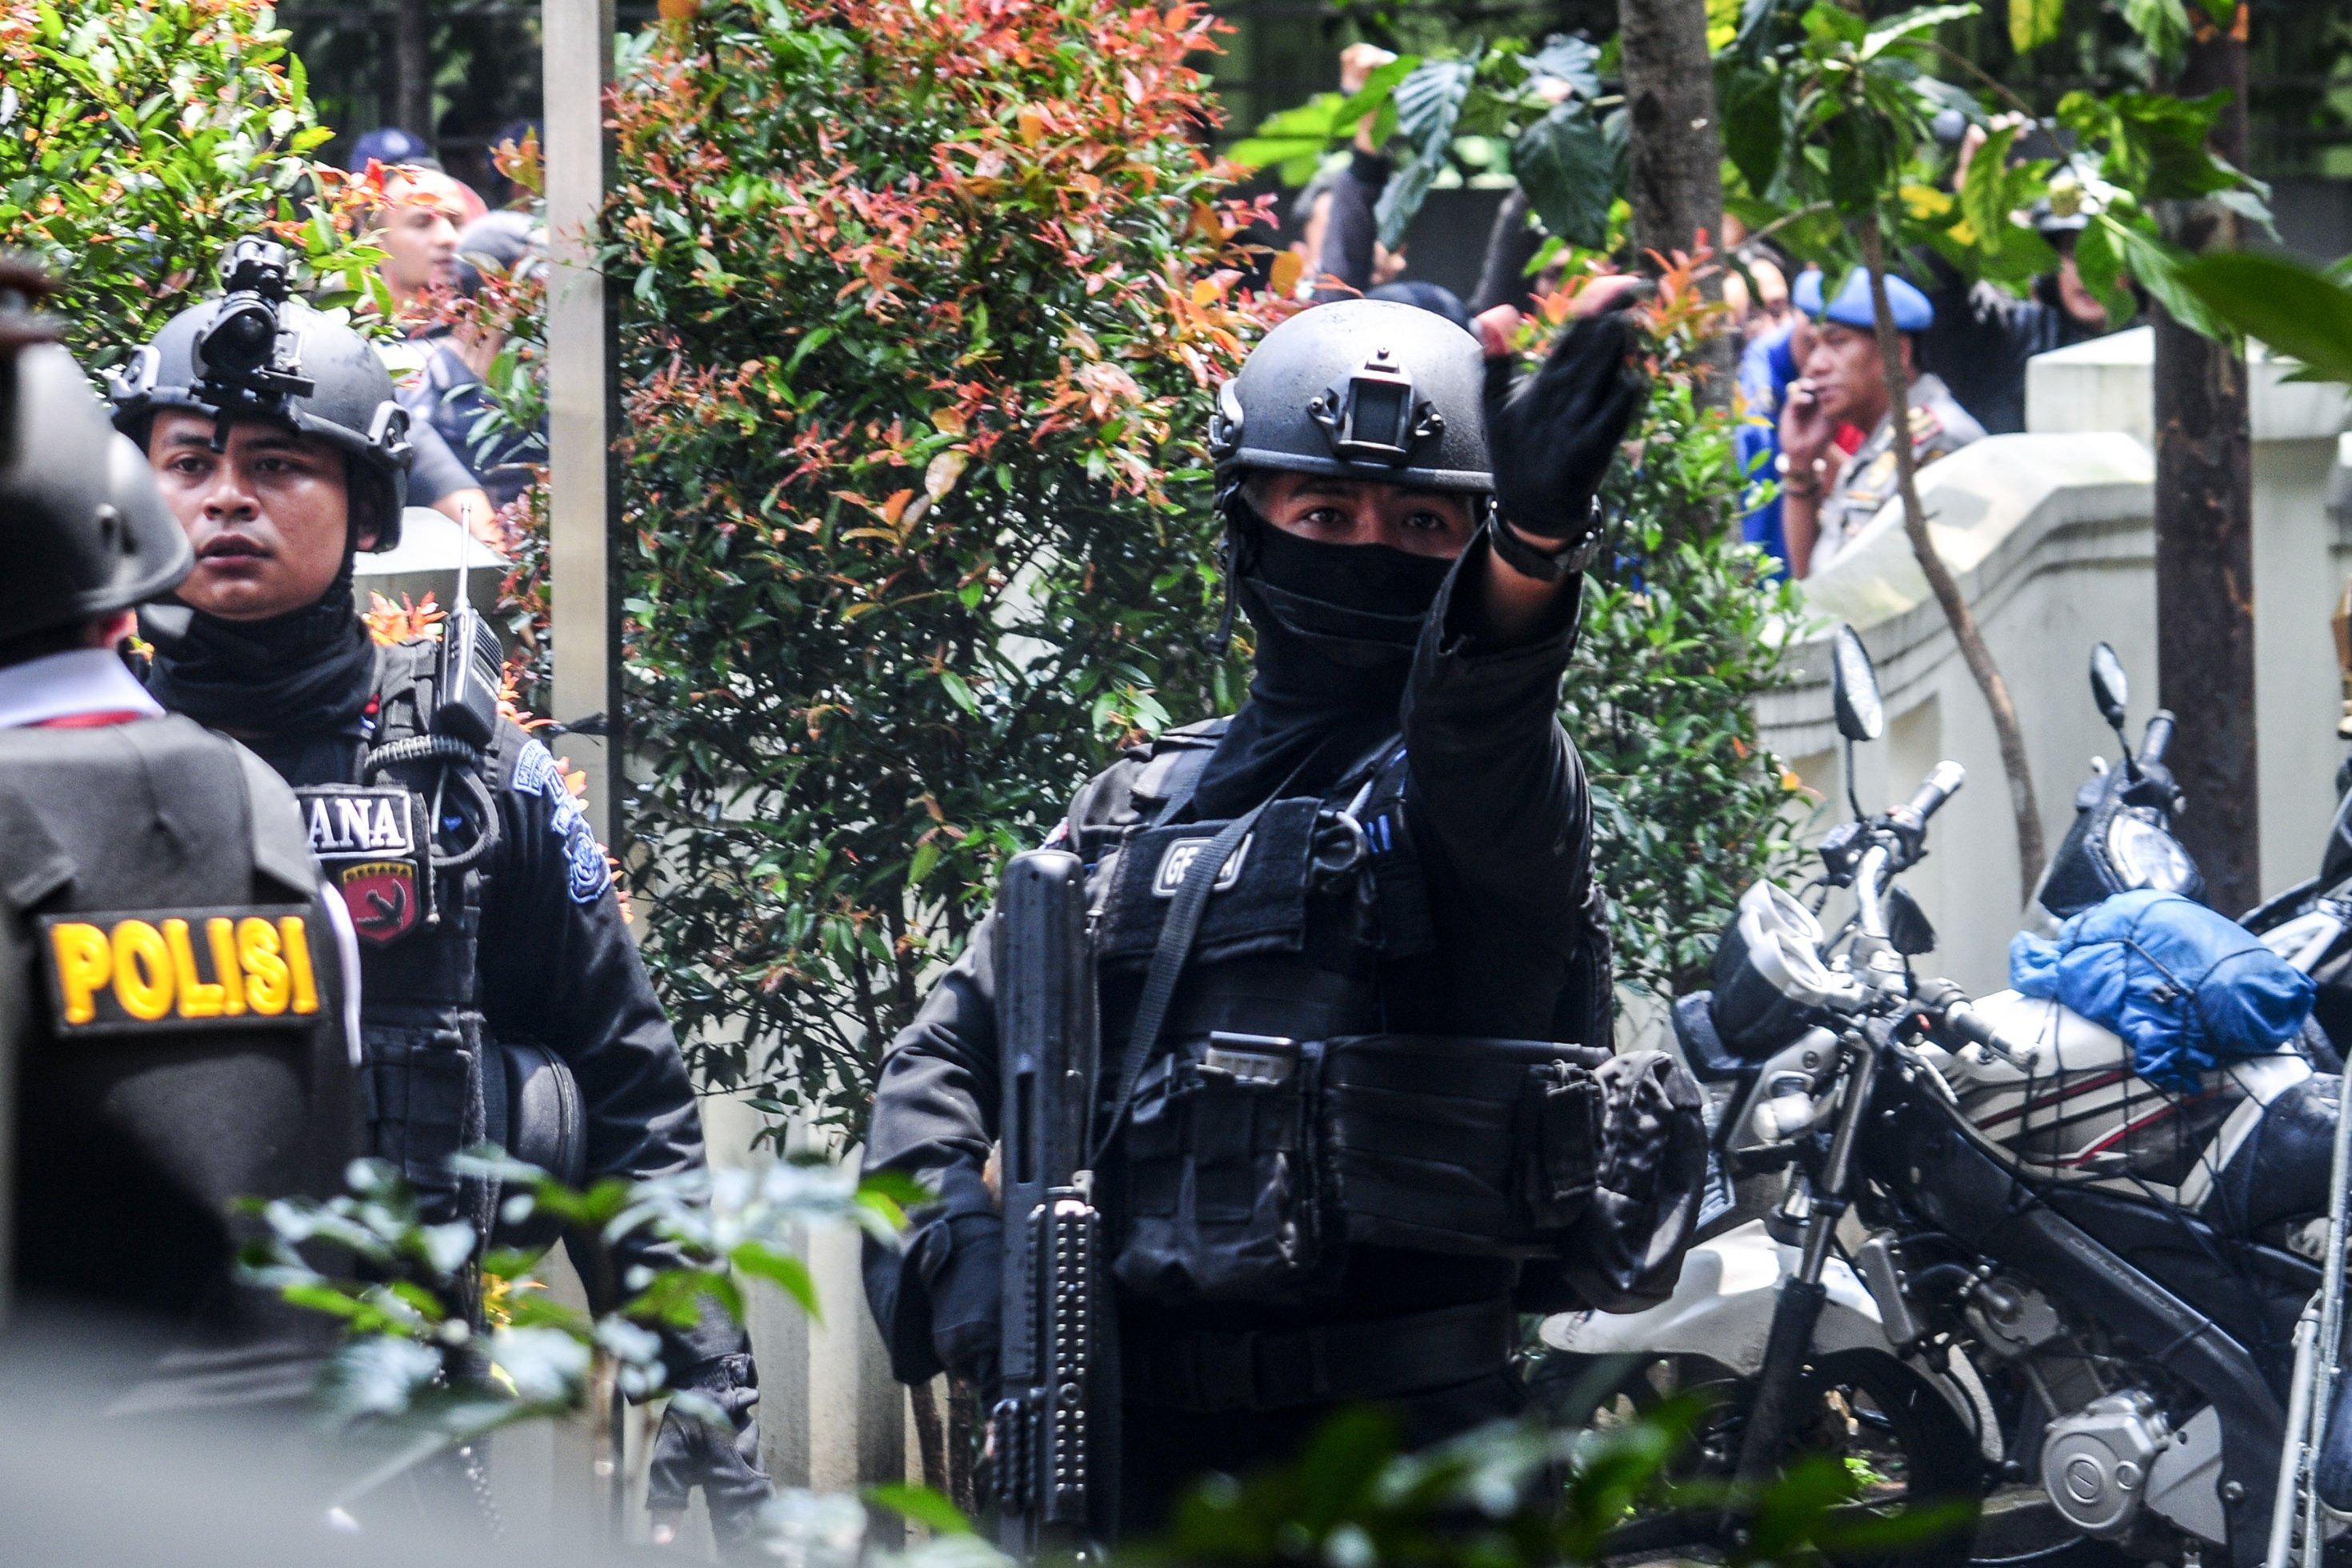 Petugas kepolisian bersenjata lengkap siap melumpuhkan terduga teroris YC, di Kantor Kelurahan Arjuna, Bandung, Jawa Barat, Senin (27/2).